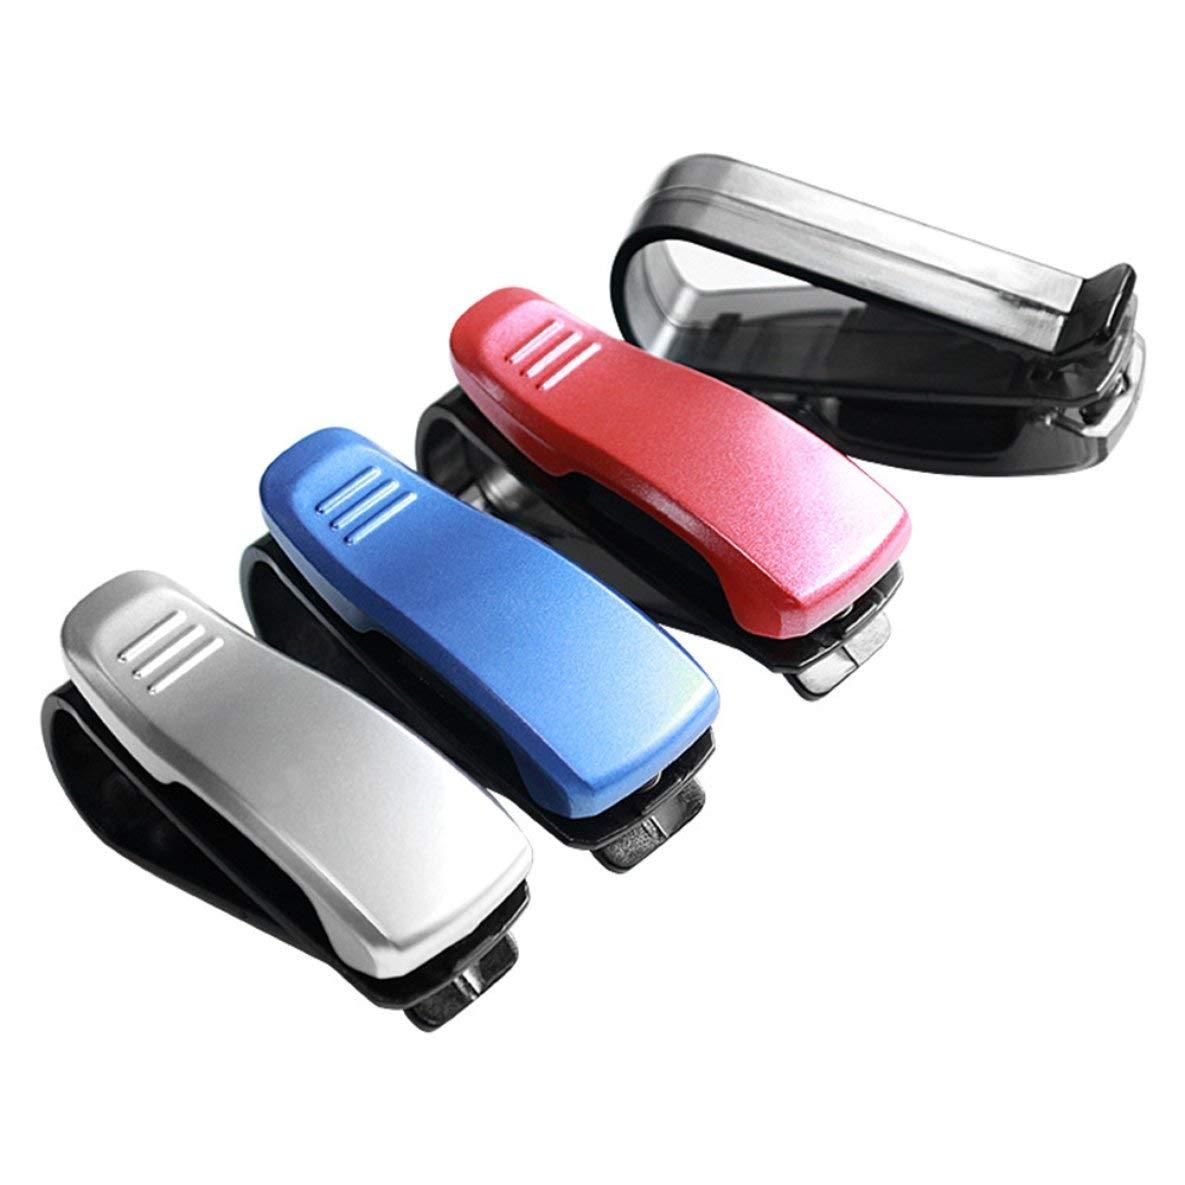 Noradtjcca Brillenhalter f/ür Auto-Visiere Multicolor Perfect Storage Organizer Einfaches Clip-On-System Ideal zum Halten von Karten